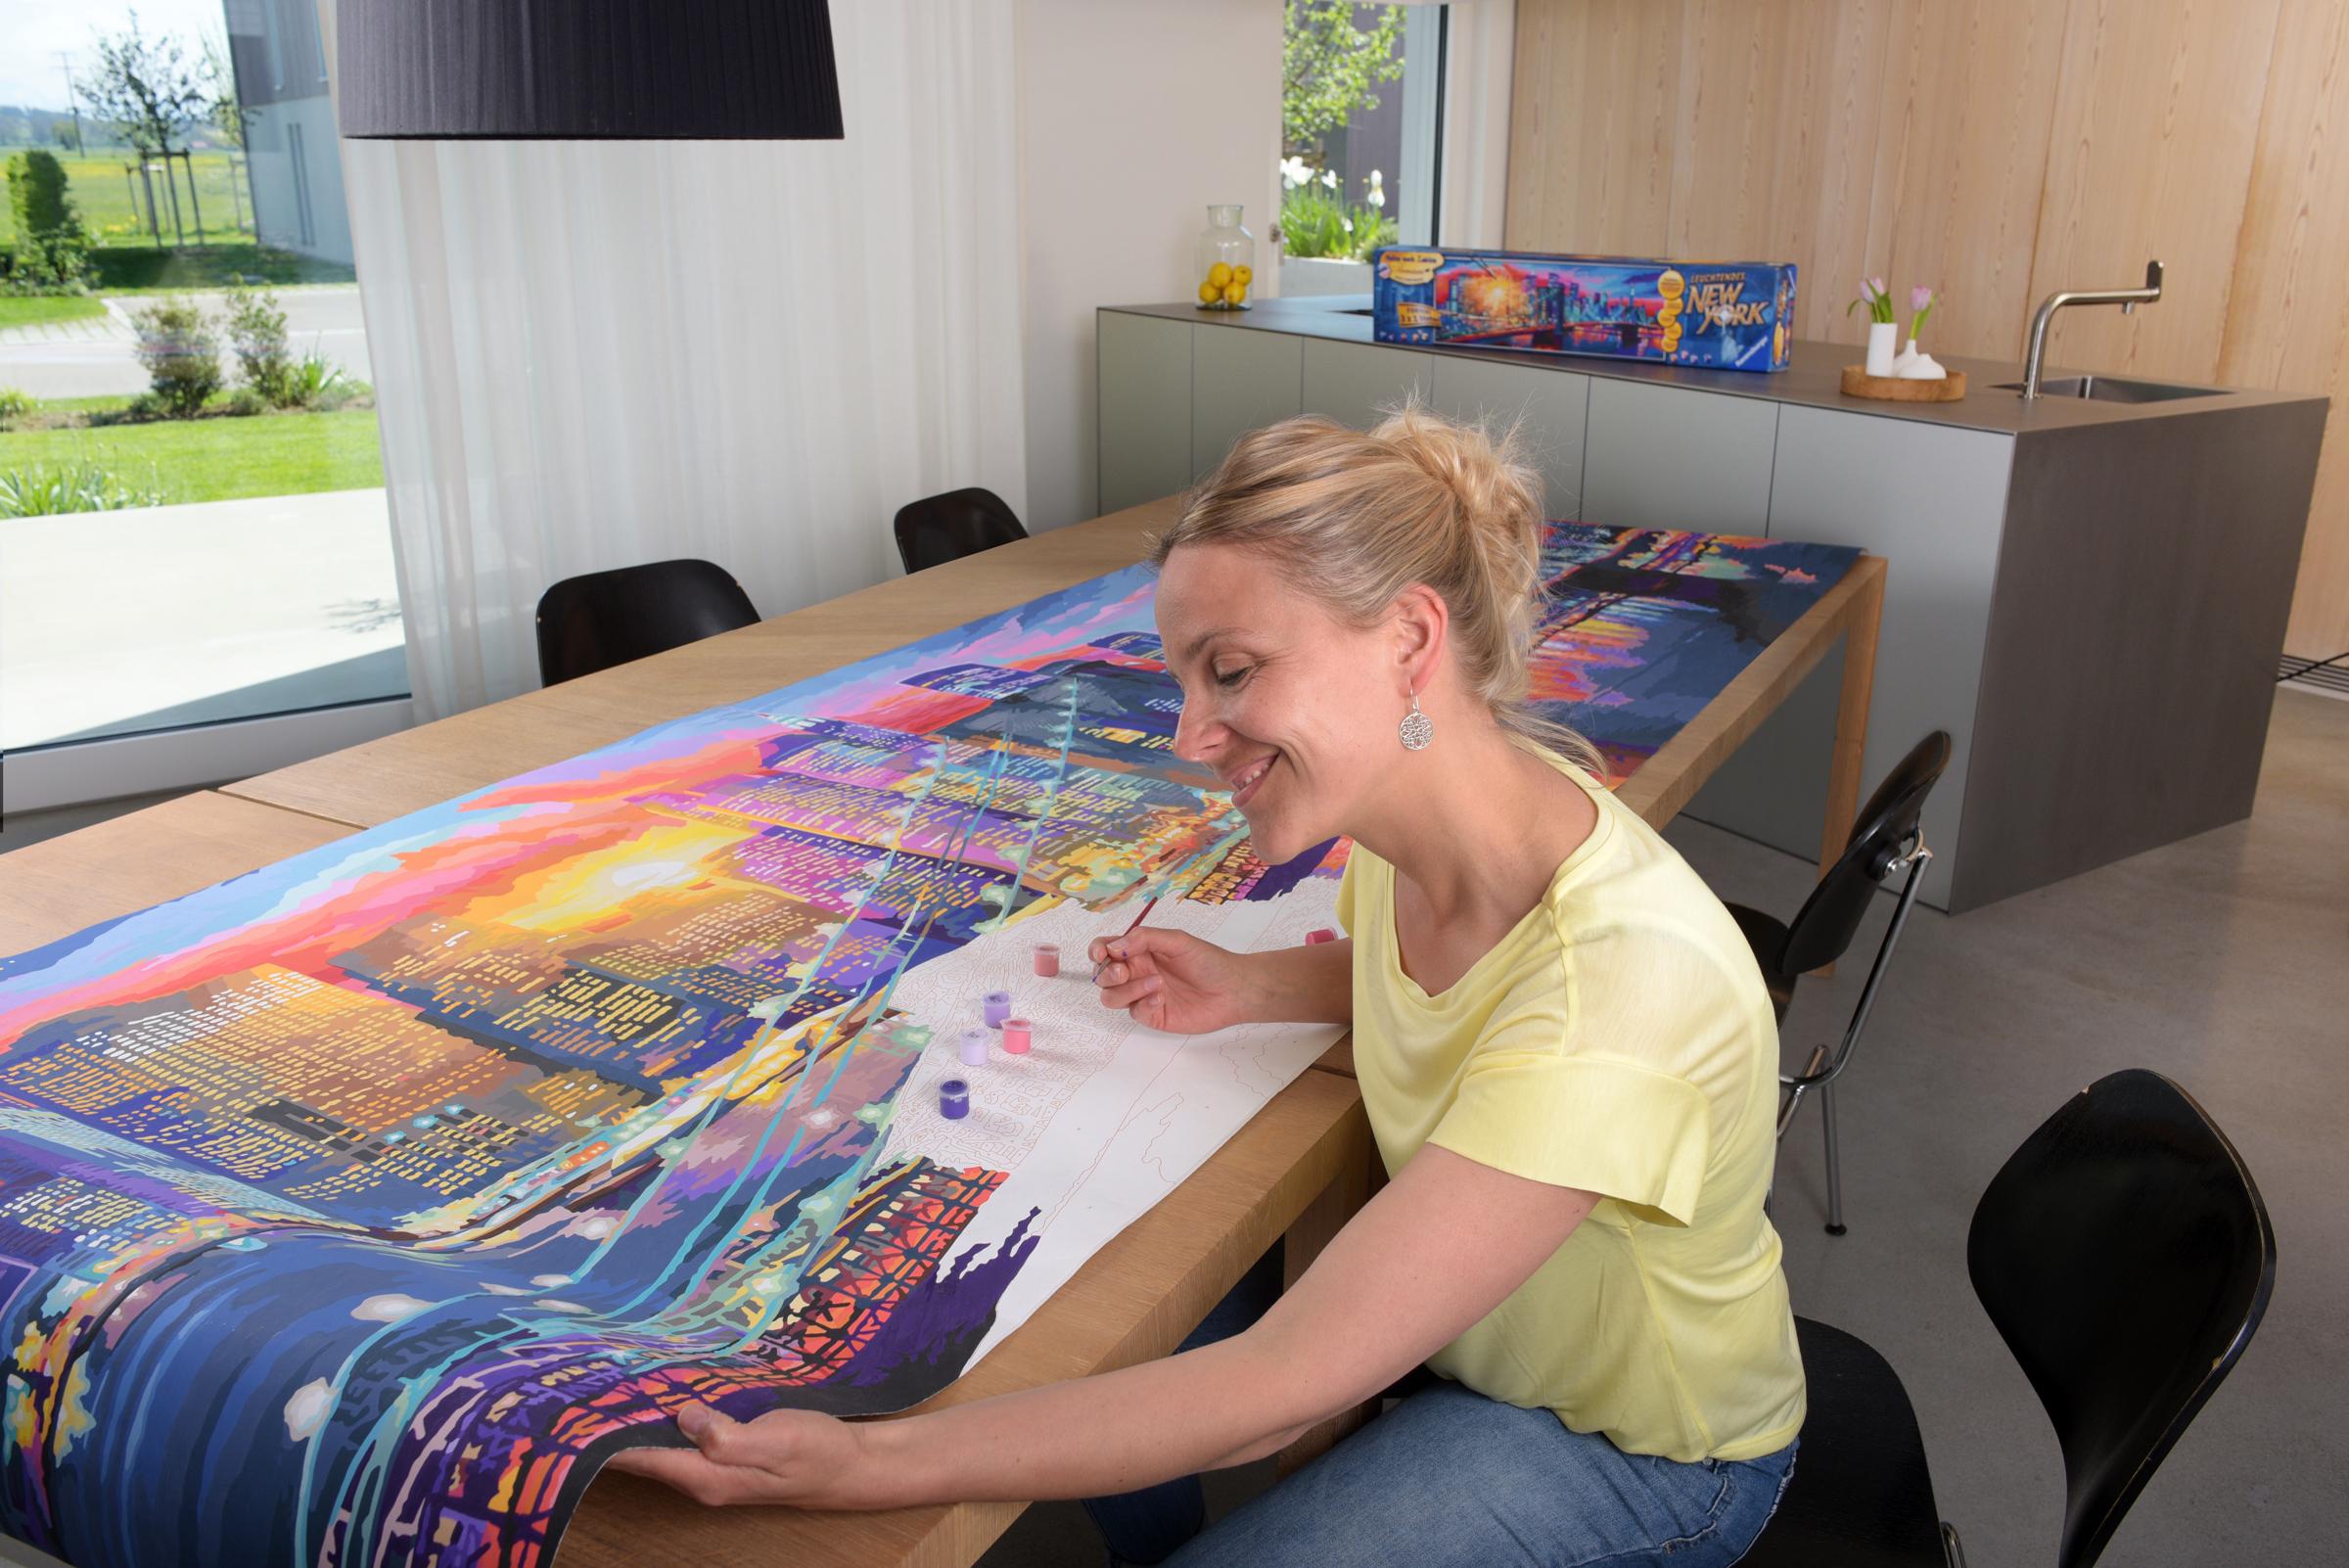 Rekordverdächtig Das Größte Malen Nach Zahlen Von Ravensburger